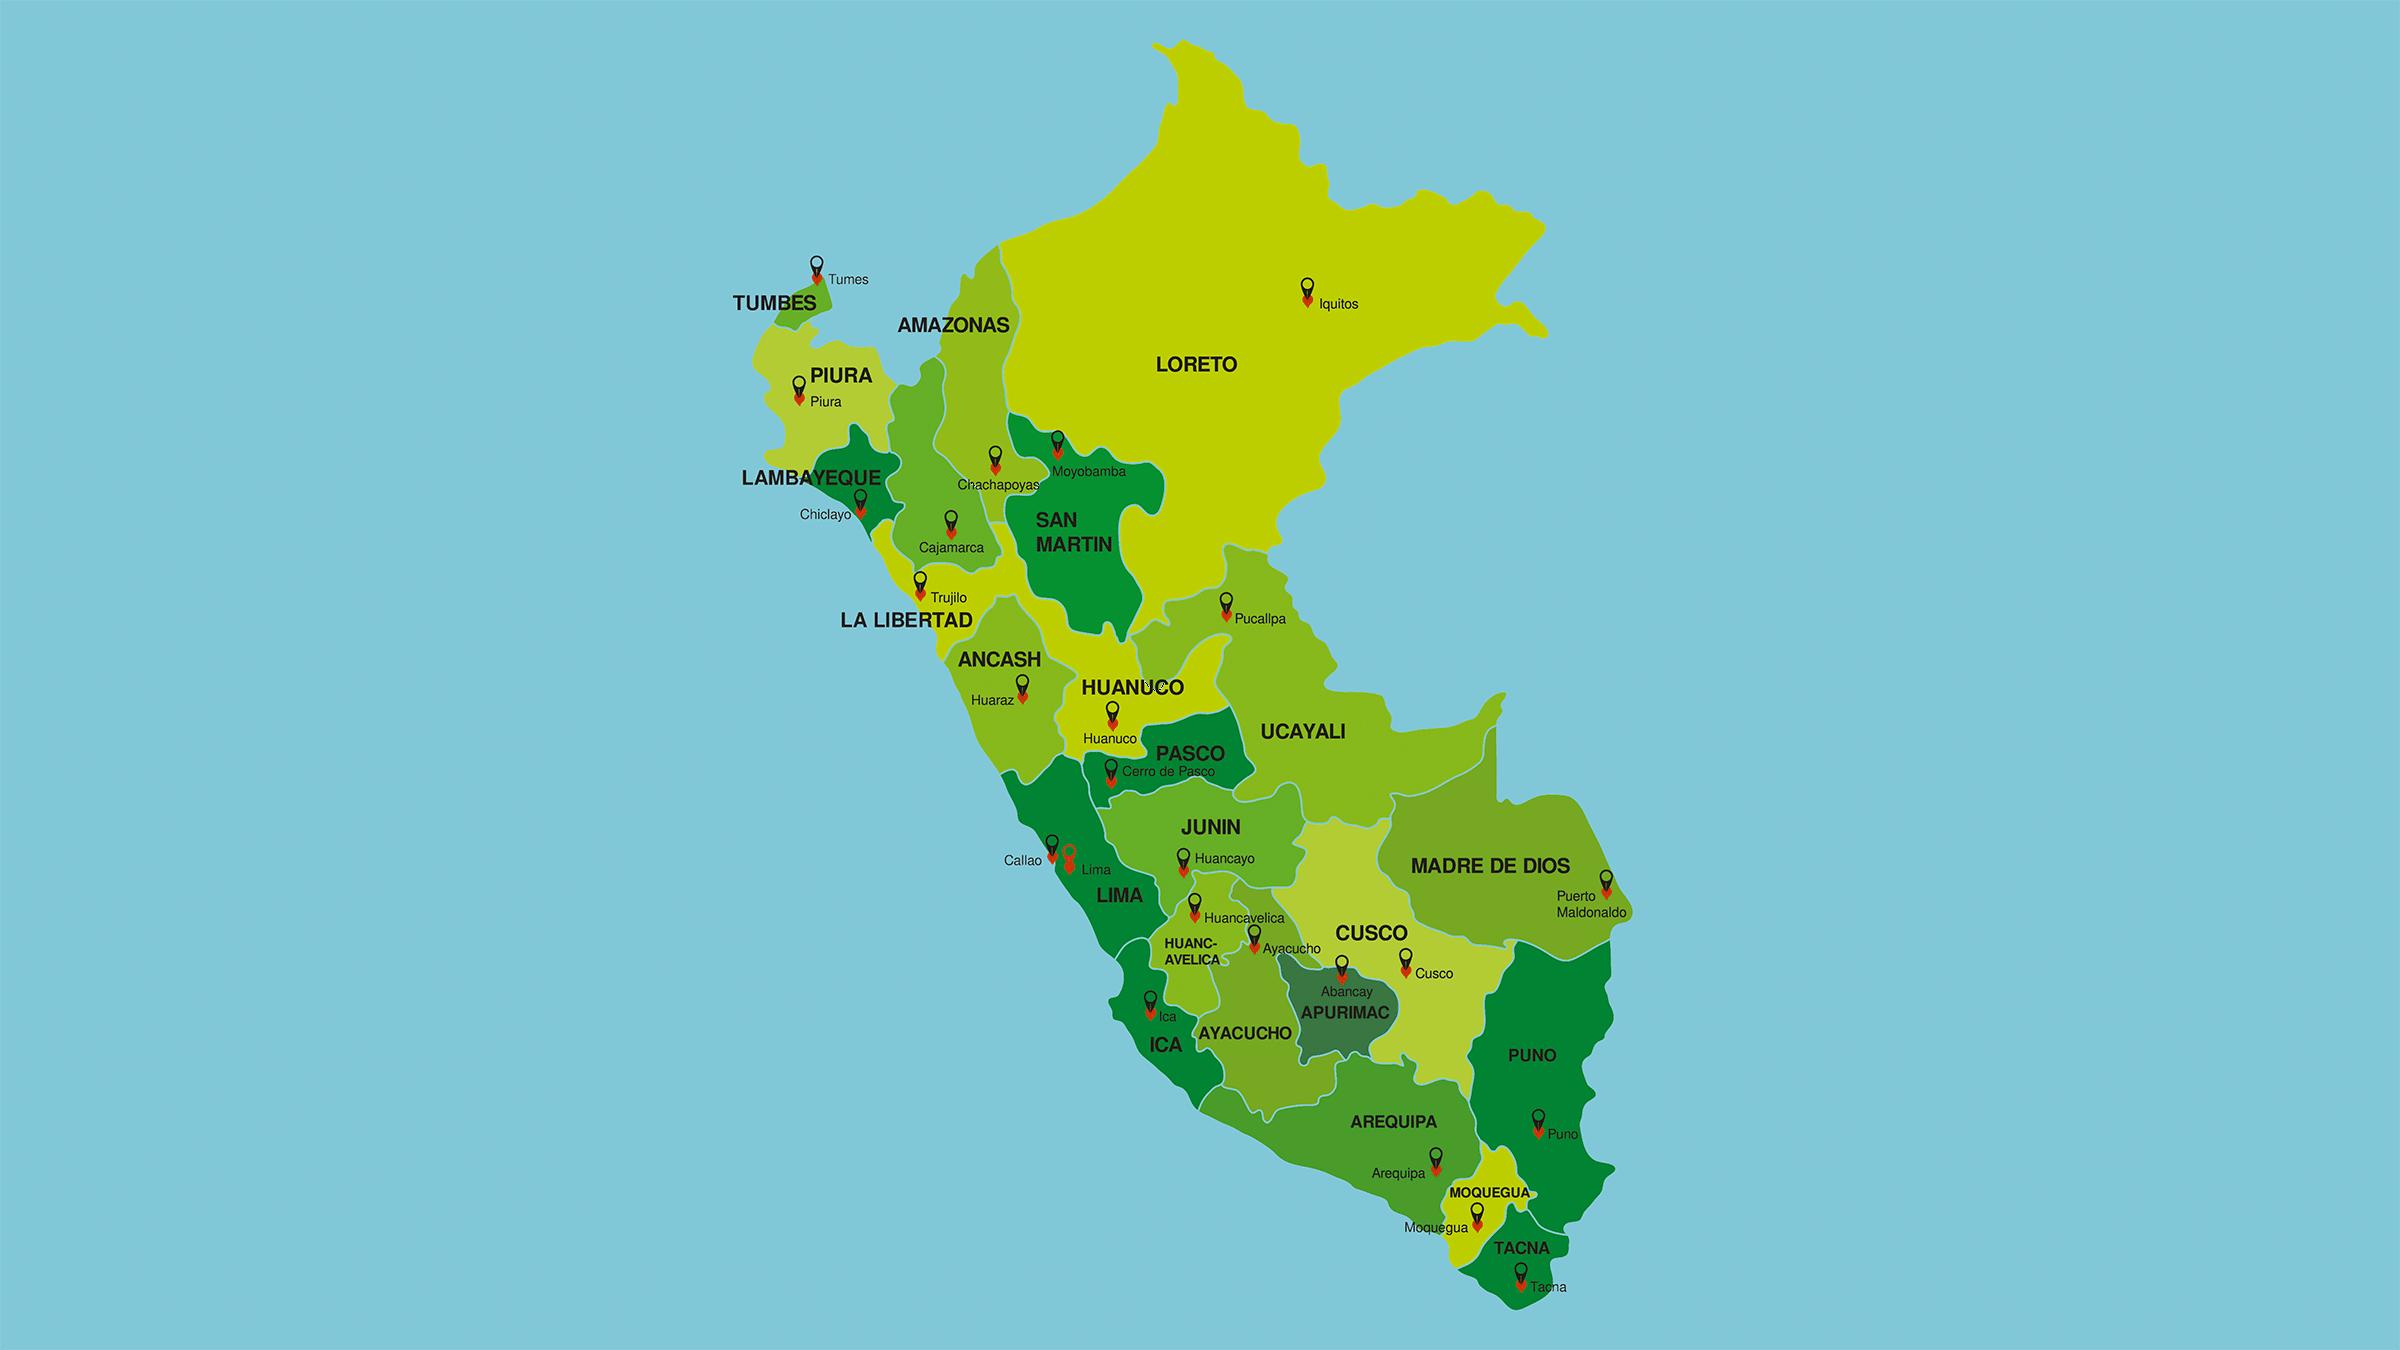 Mapa Politico Del Peru.Mapa Politico De Peru